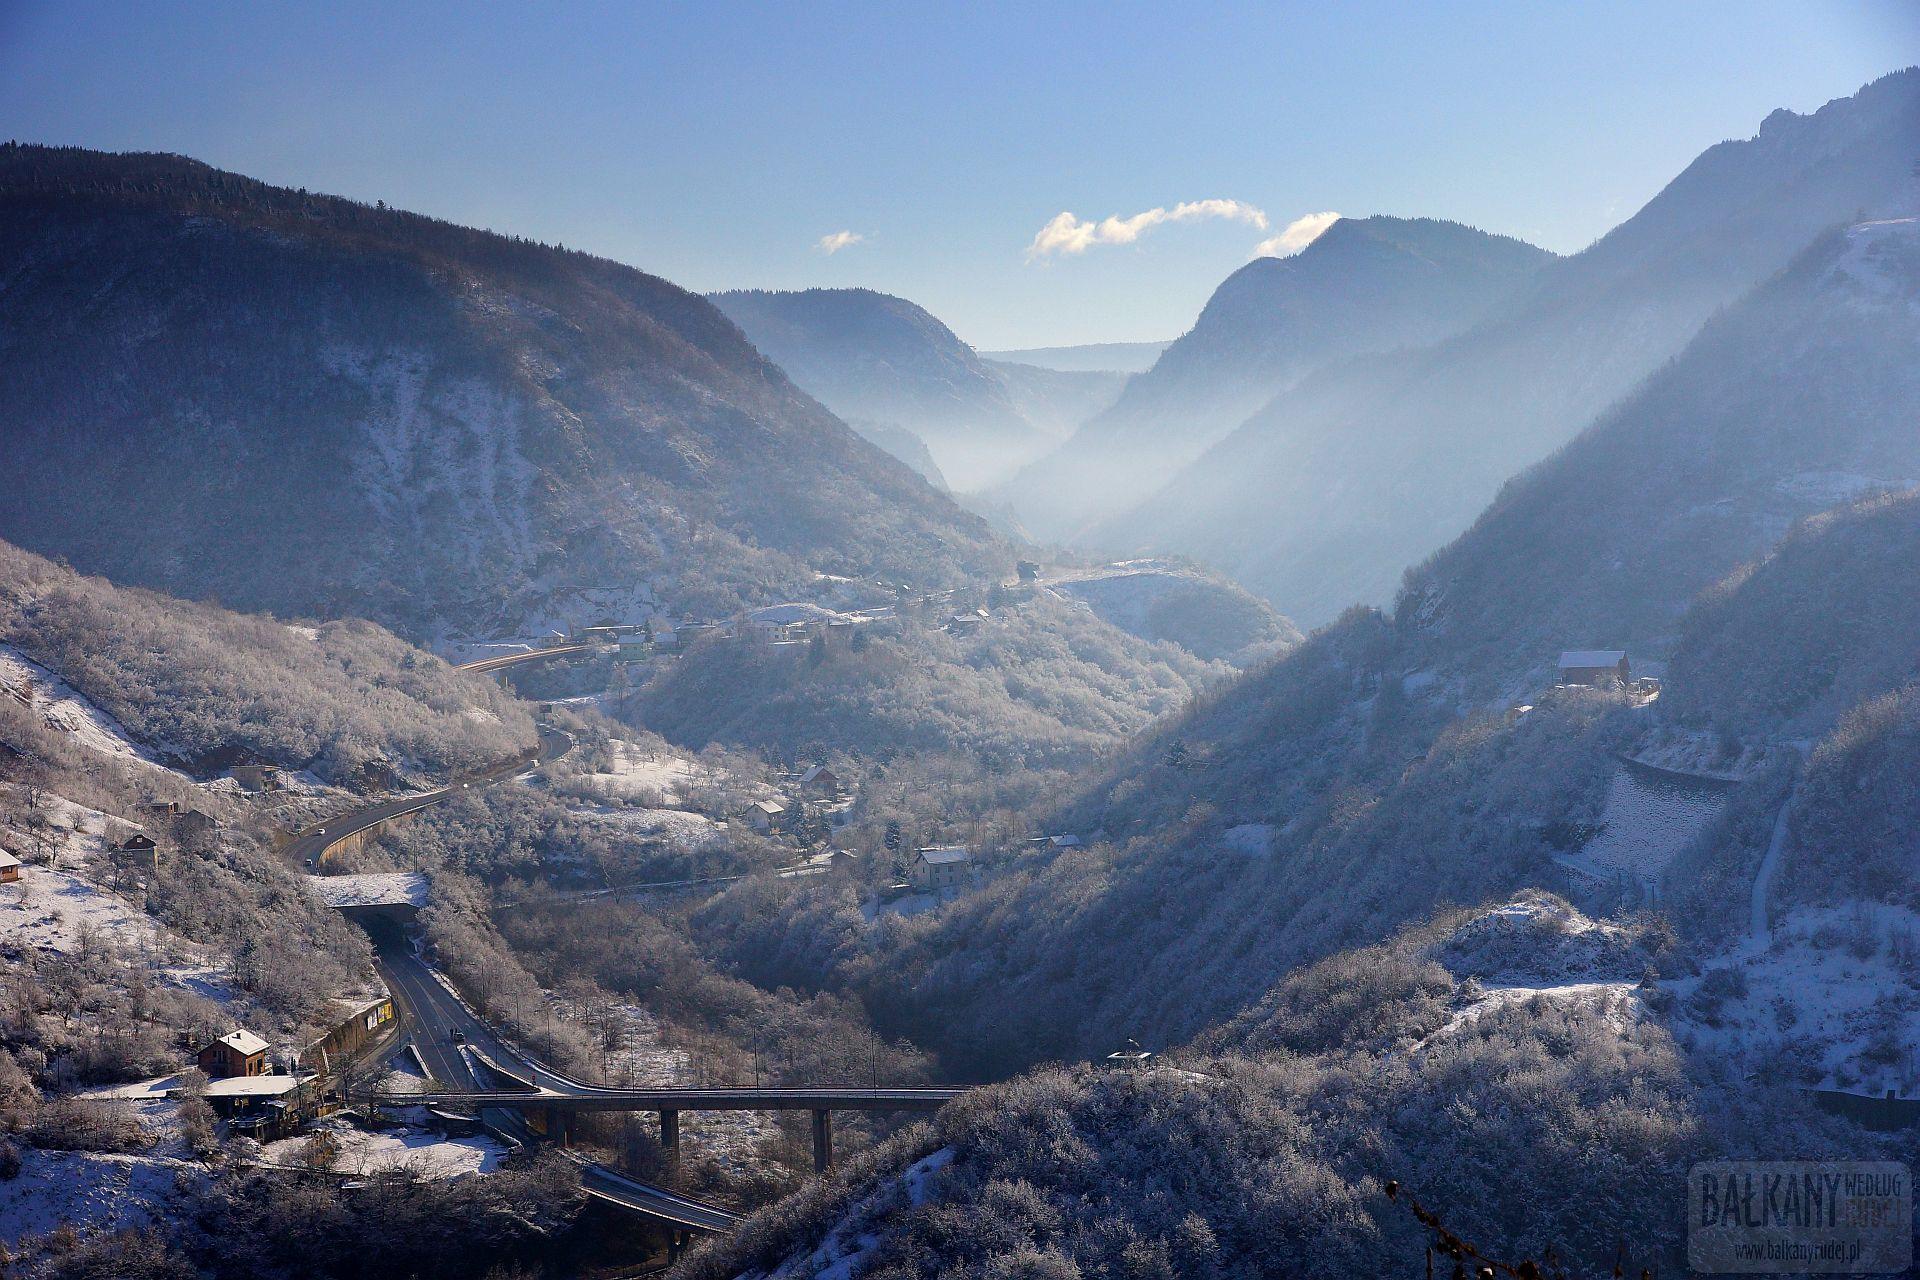 Widok z Białej Twierdzy w stronę Kanionu utworzonego przez rzekę Miljackę.